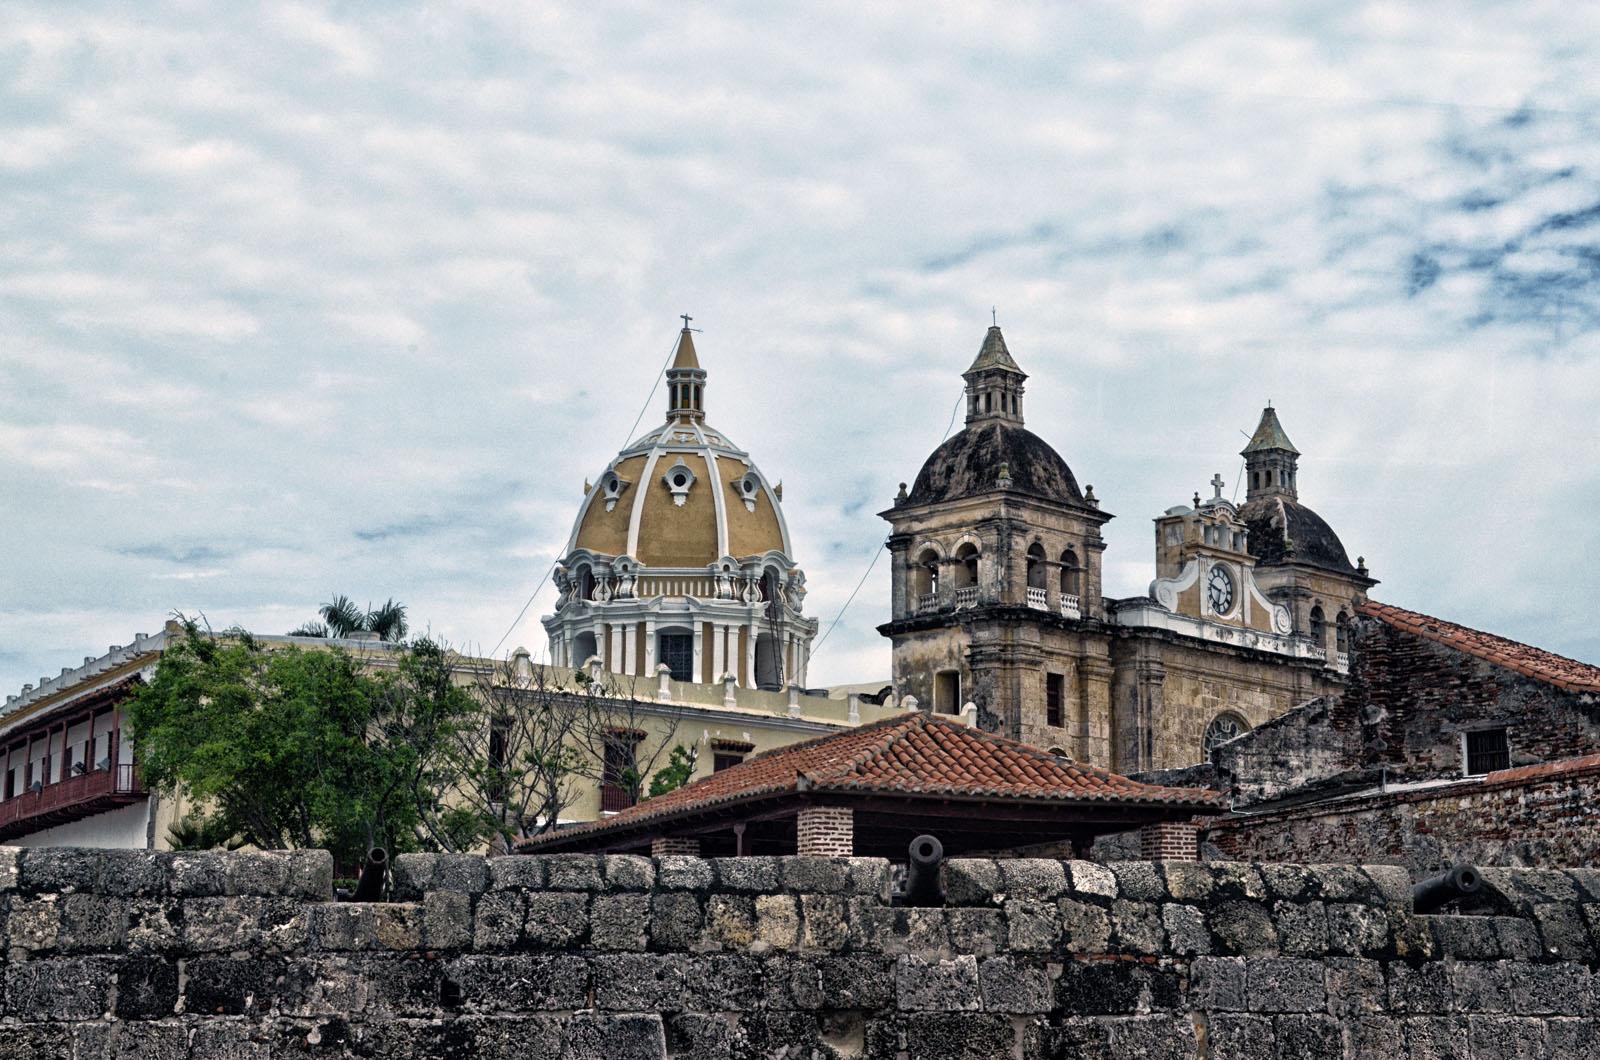 Na mira de um canhão logo a frente das muralhas do centro antigo, a esquerda o edifício que abriga hoje o Museu Naval e ao fundo a belíssima Catedral de San Pedro.